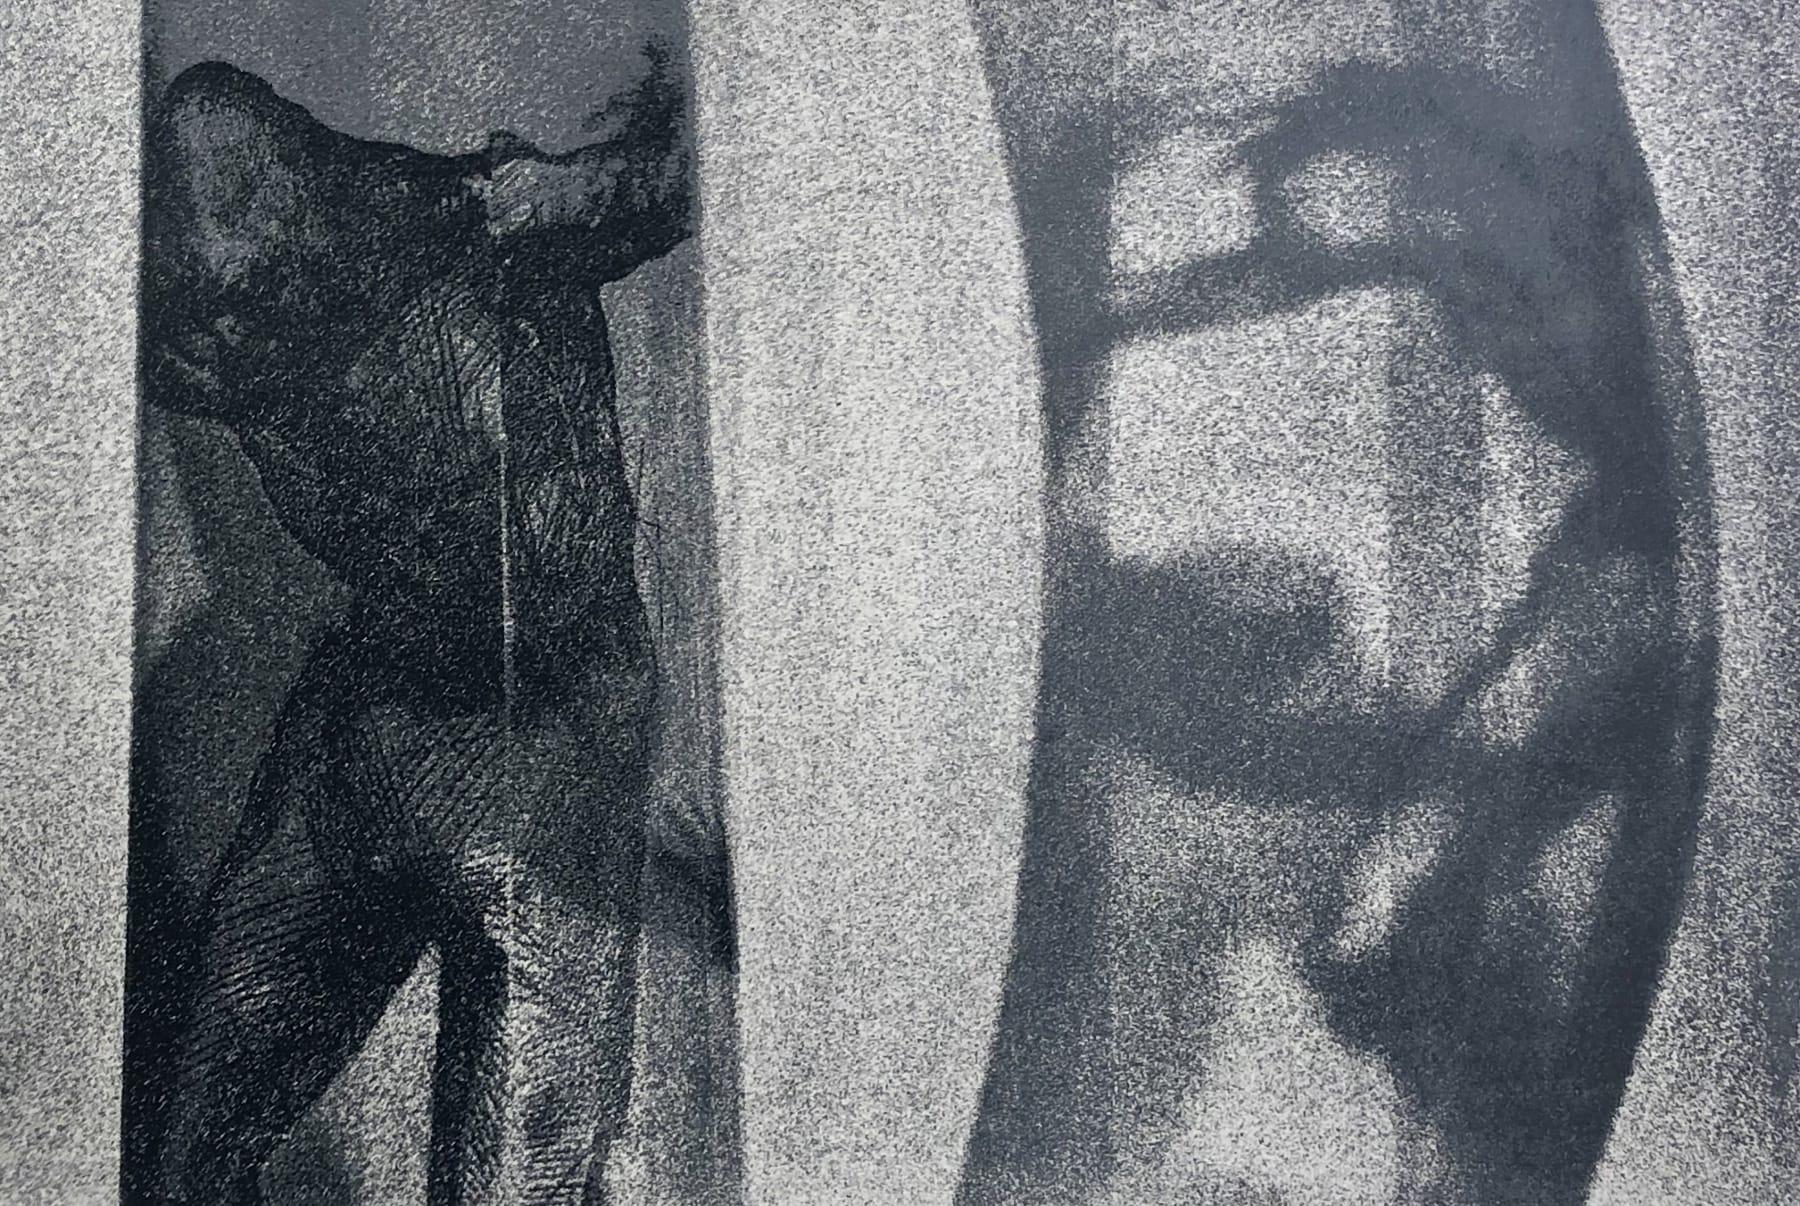 Veta Gorner, Travelling Light, 2012